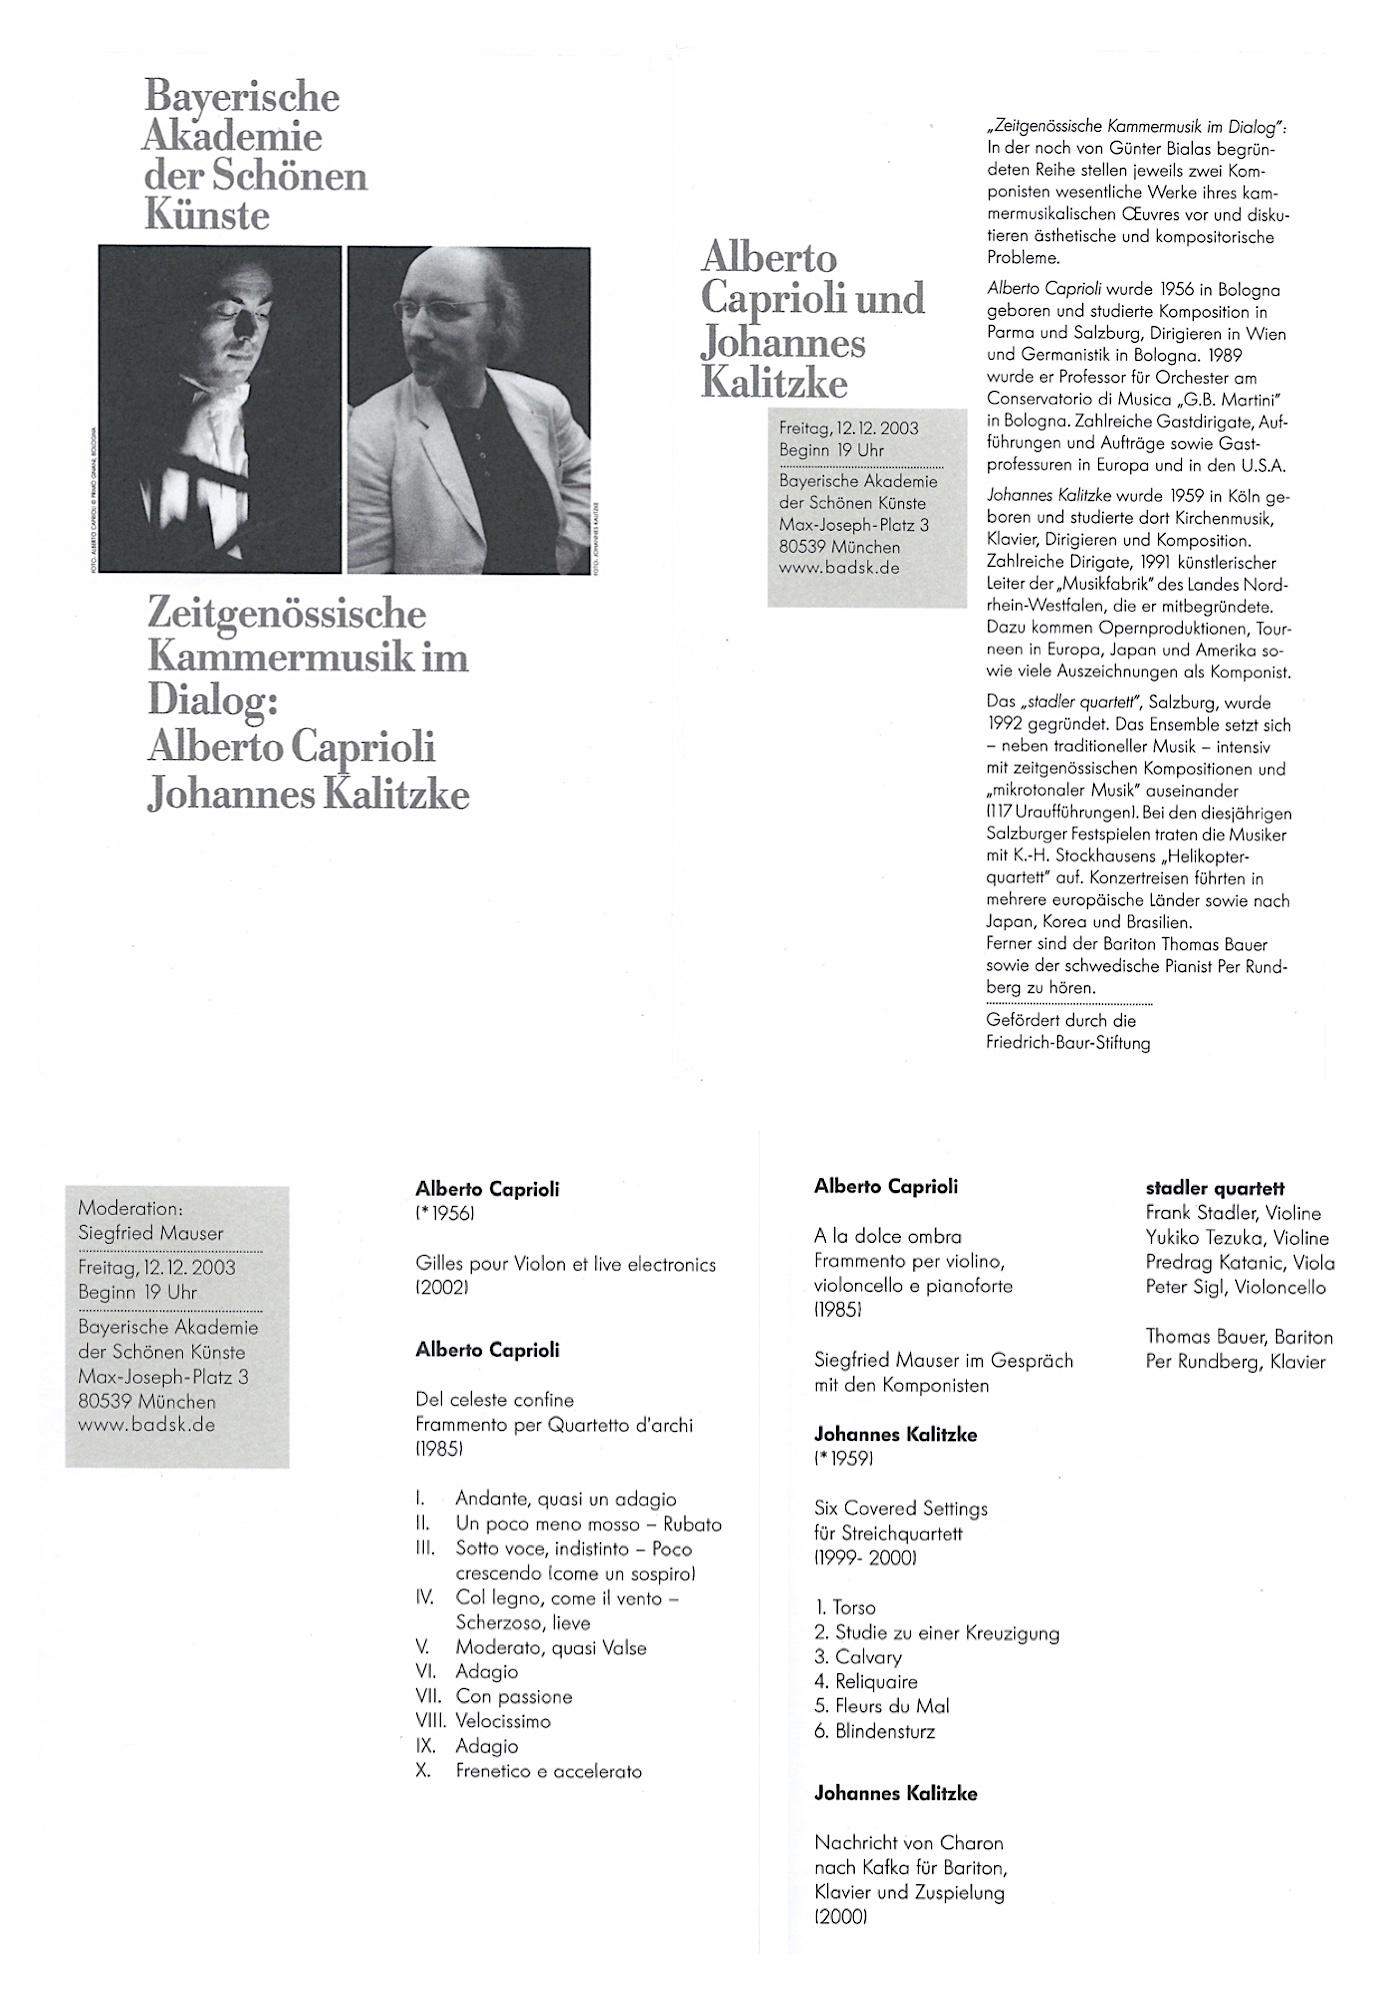 BAYERISCHE AKADEMIE DER SCHÖNEN KÜNSTE, MÜNCHEN 2003